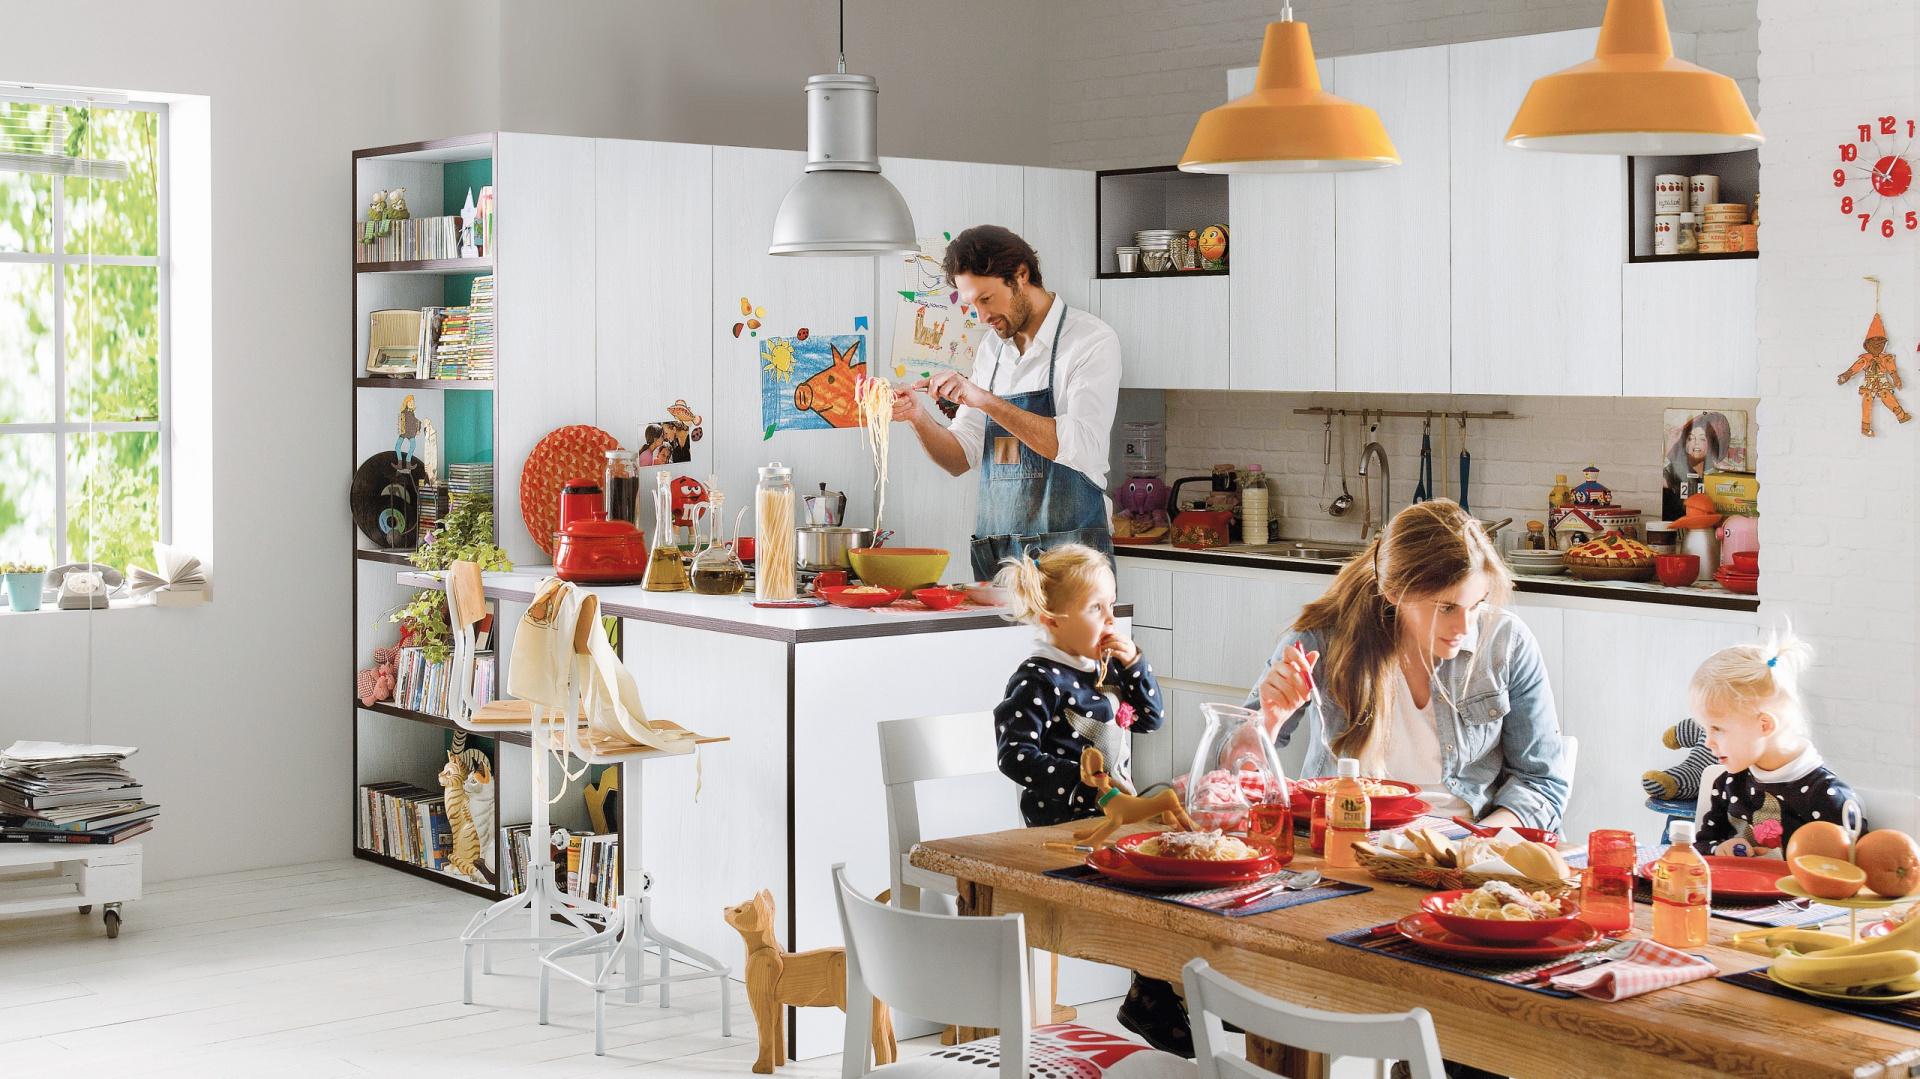 Kolekcja mebli Start Time firmy Veneta Cucine. Prosta i praktyczna, z elementami integrującymi strefę roboczą z salonową. To kuchnia stworzona do wspólnego spędzania czasu w gronie rodziny lub znajomych. Ciekawe detale: kontrastowe obrzeża i wnętrza szafek (kolory do wyboru).